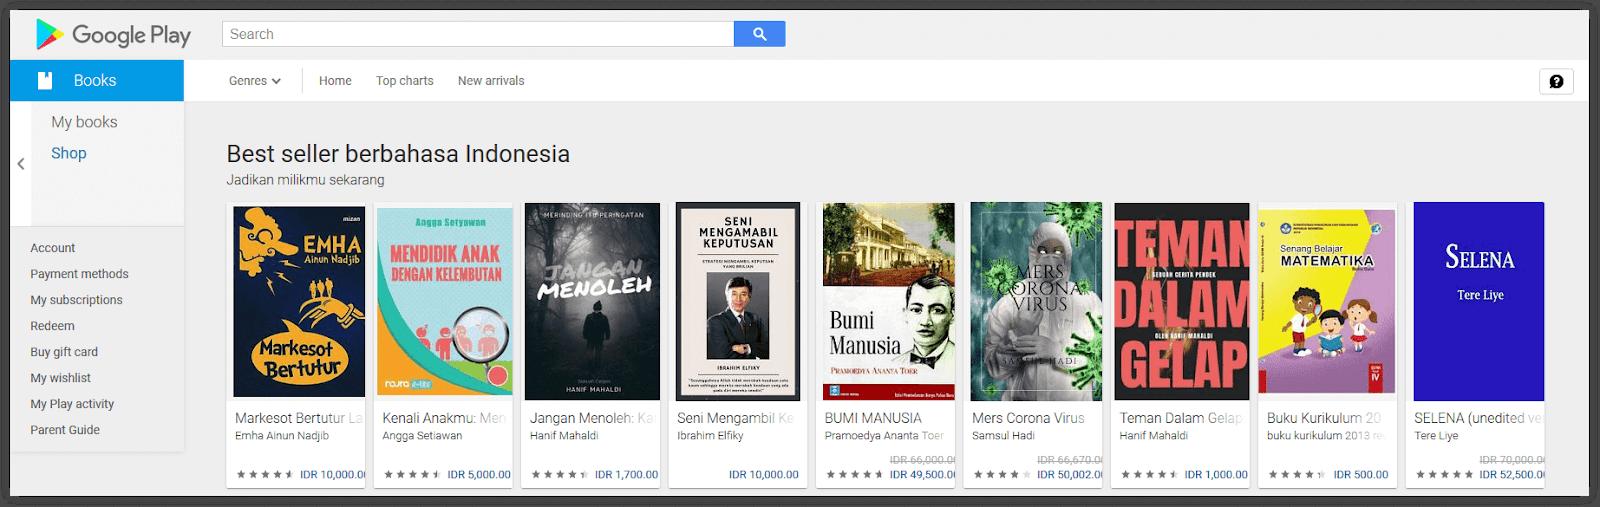 google playstore juga menjual berbagai buku digital